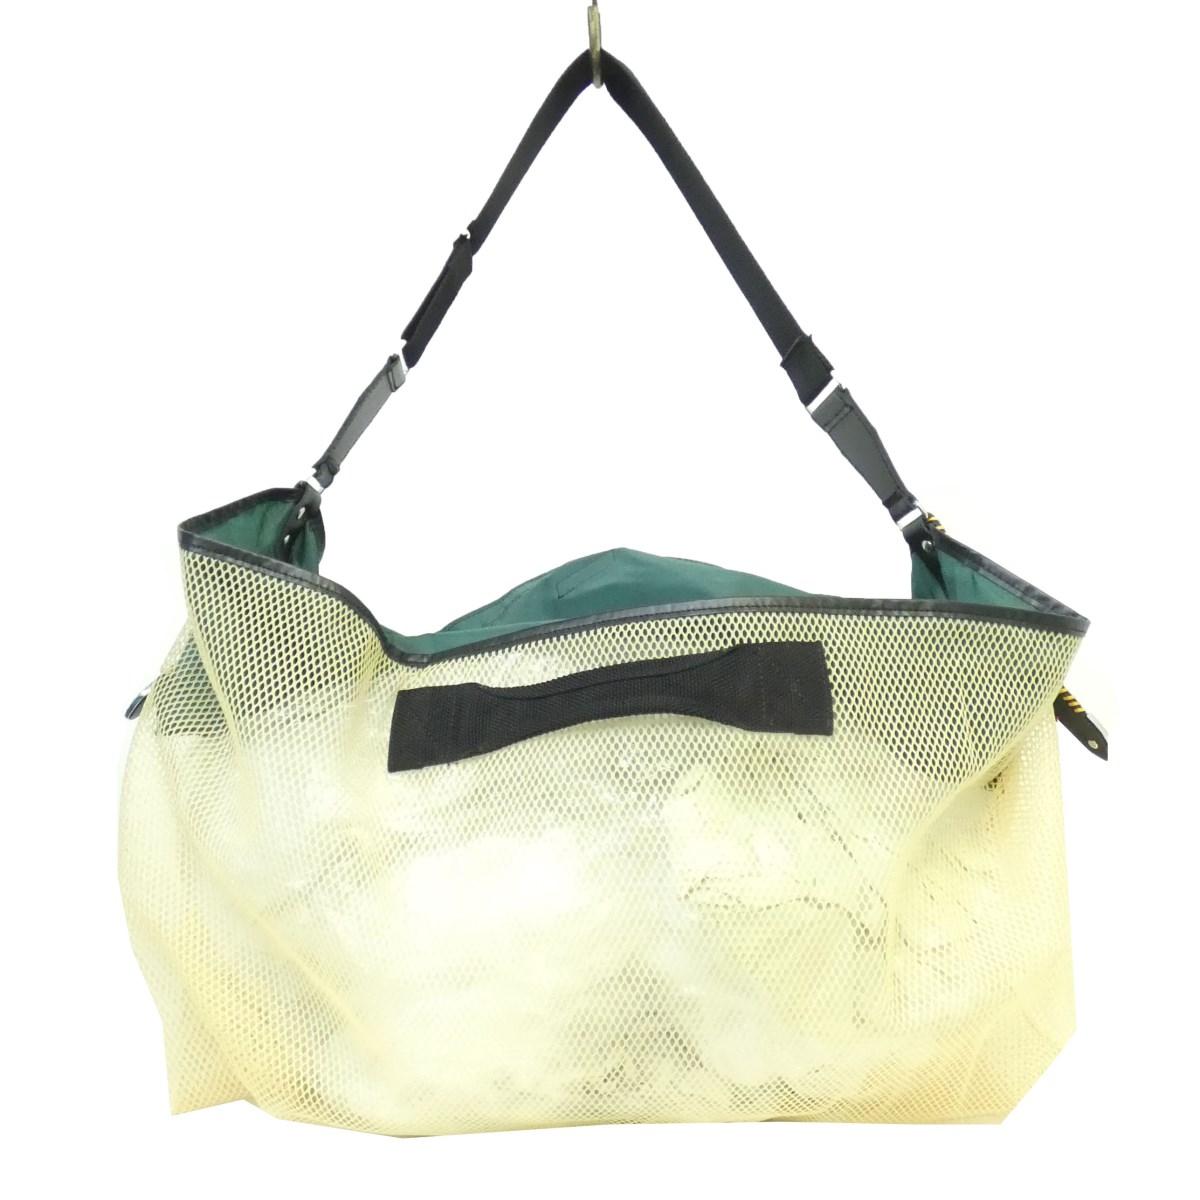 【中古】TOGA VIRILIS 19SS 「mesh bag」 2wayメッシュショルダーバッグ グリーン×イエロー サイズ:- 【送料無料】 【020419】(トーガ ヴィリリース)